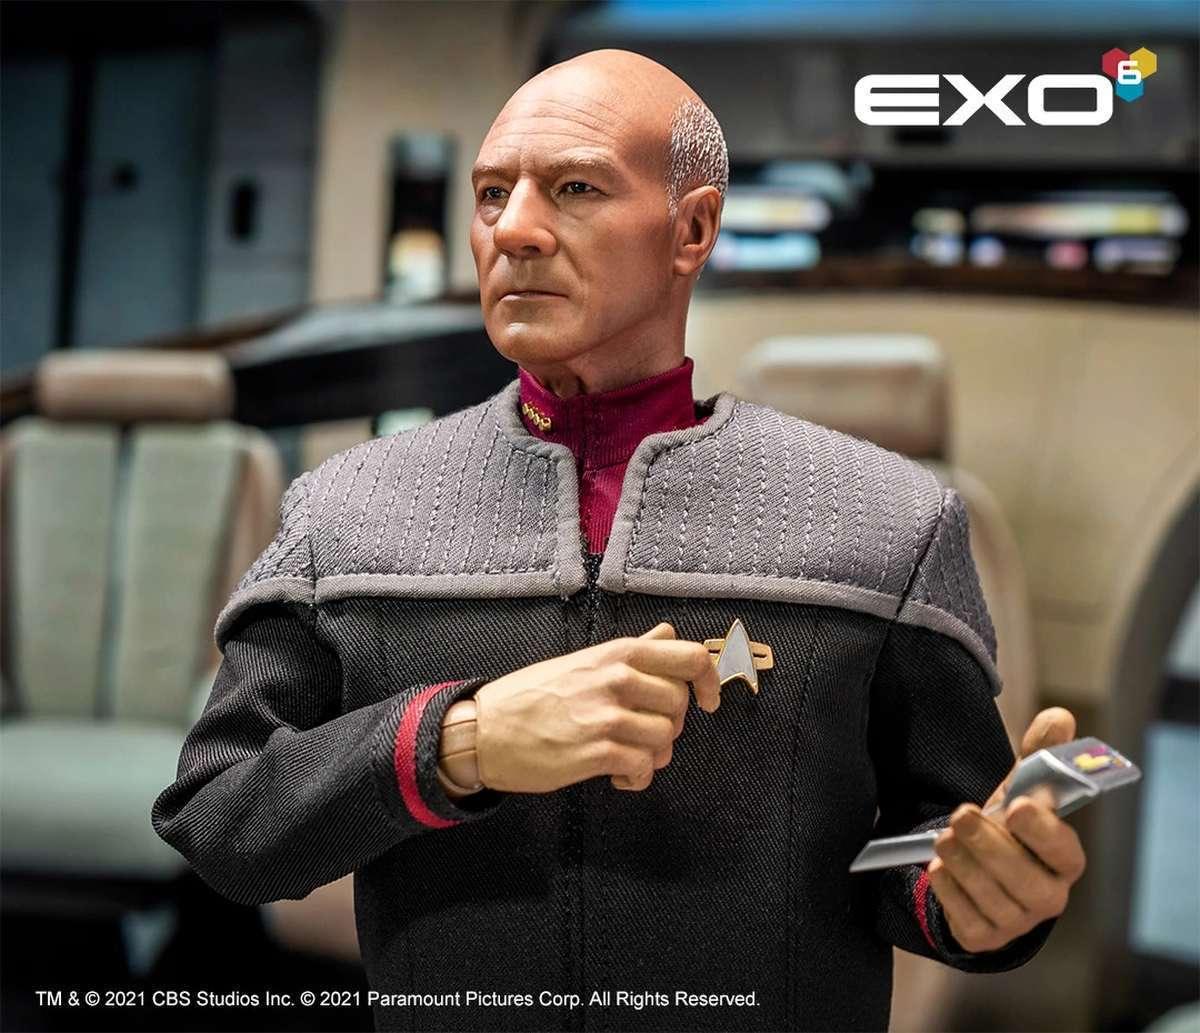 Star Trek First Contact Picard Exo 6